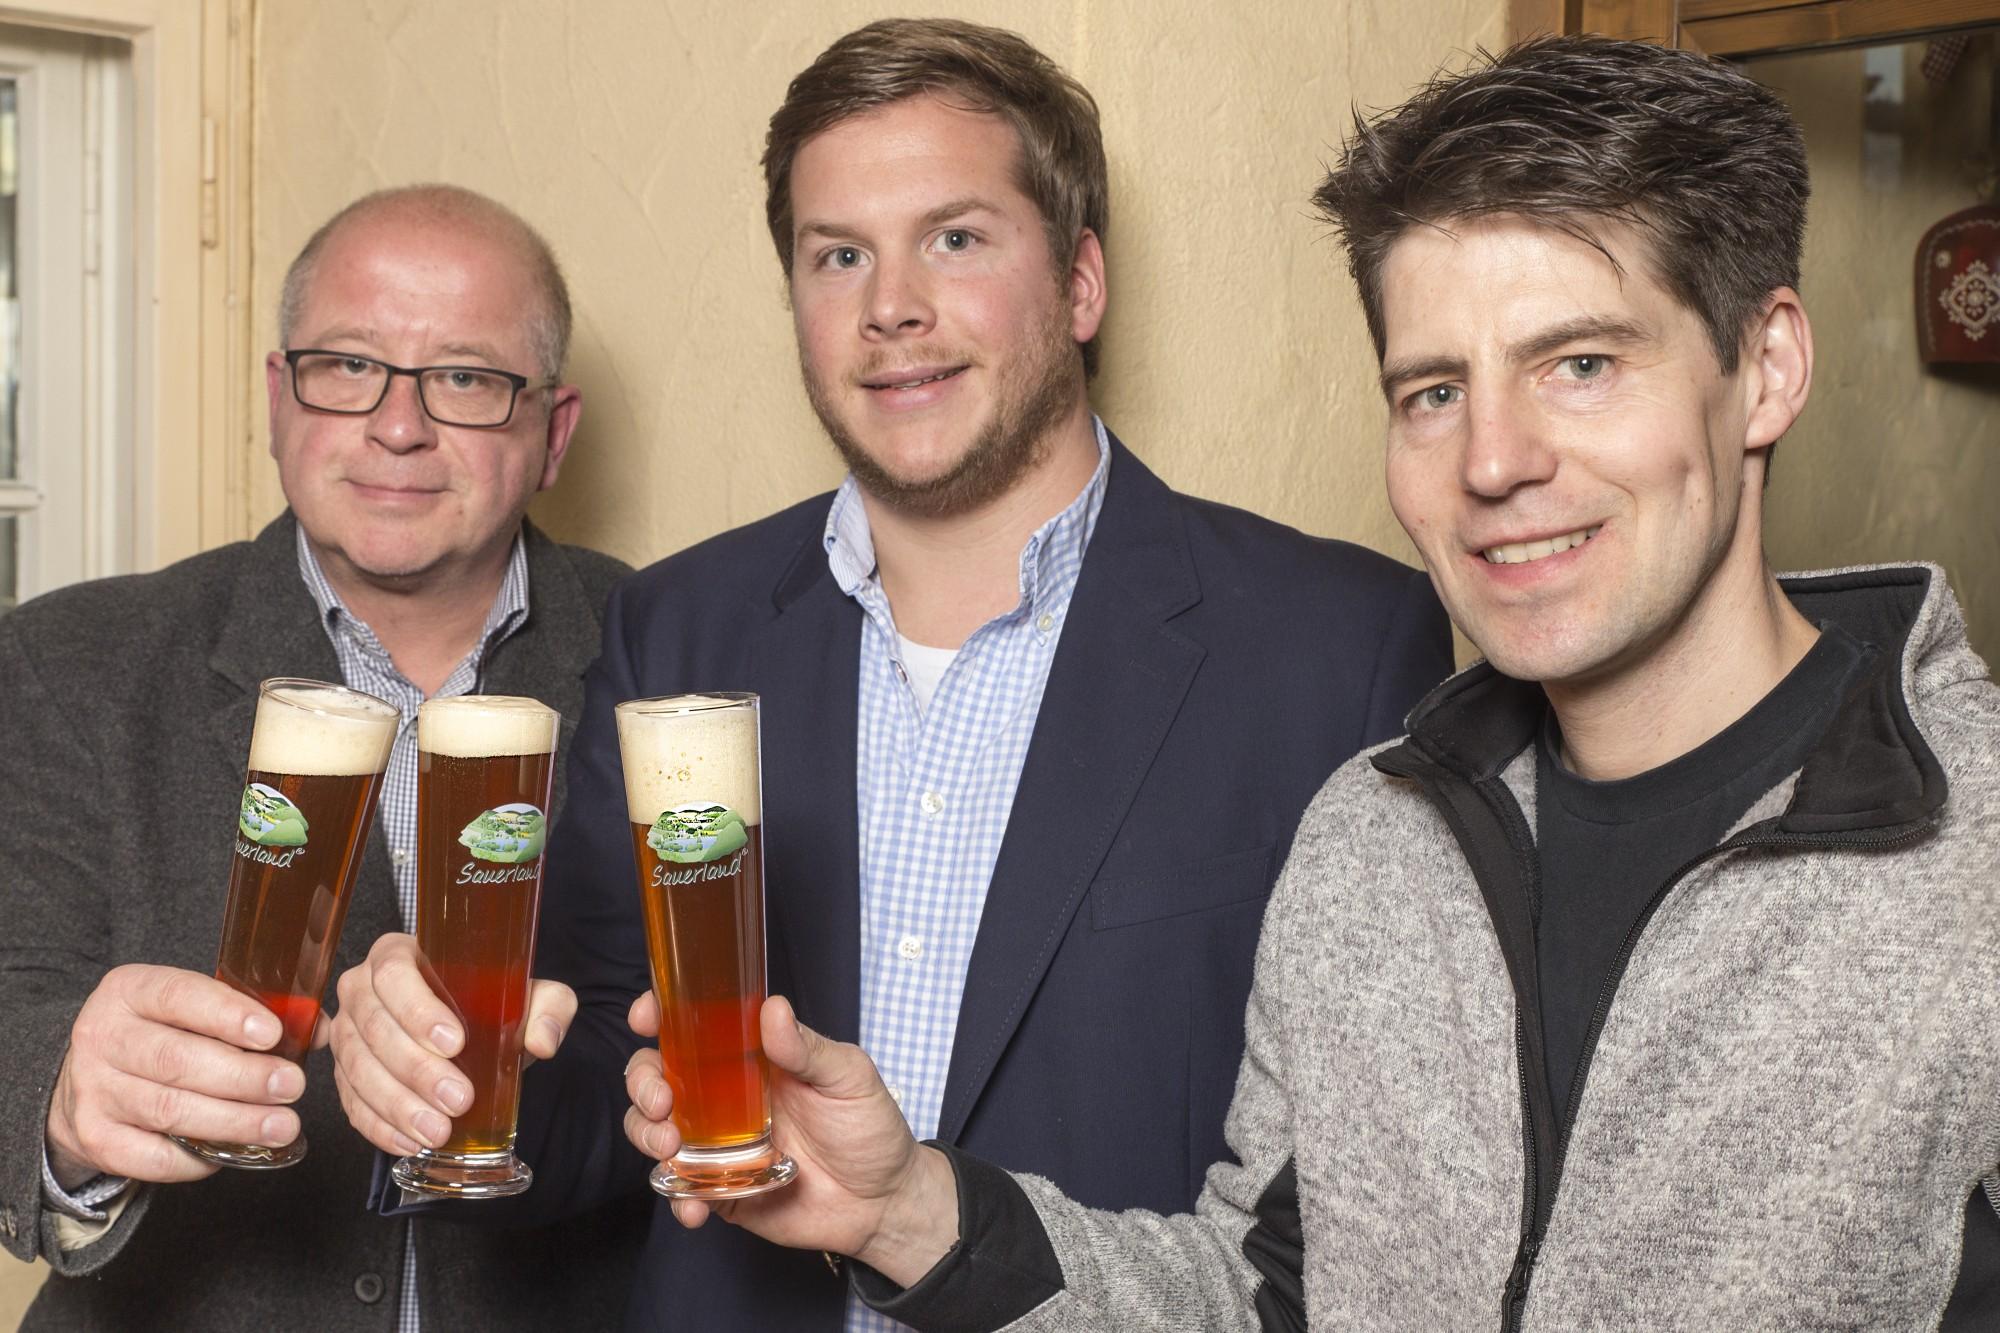 Bier aus dem Sauerland